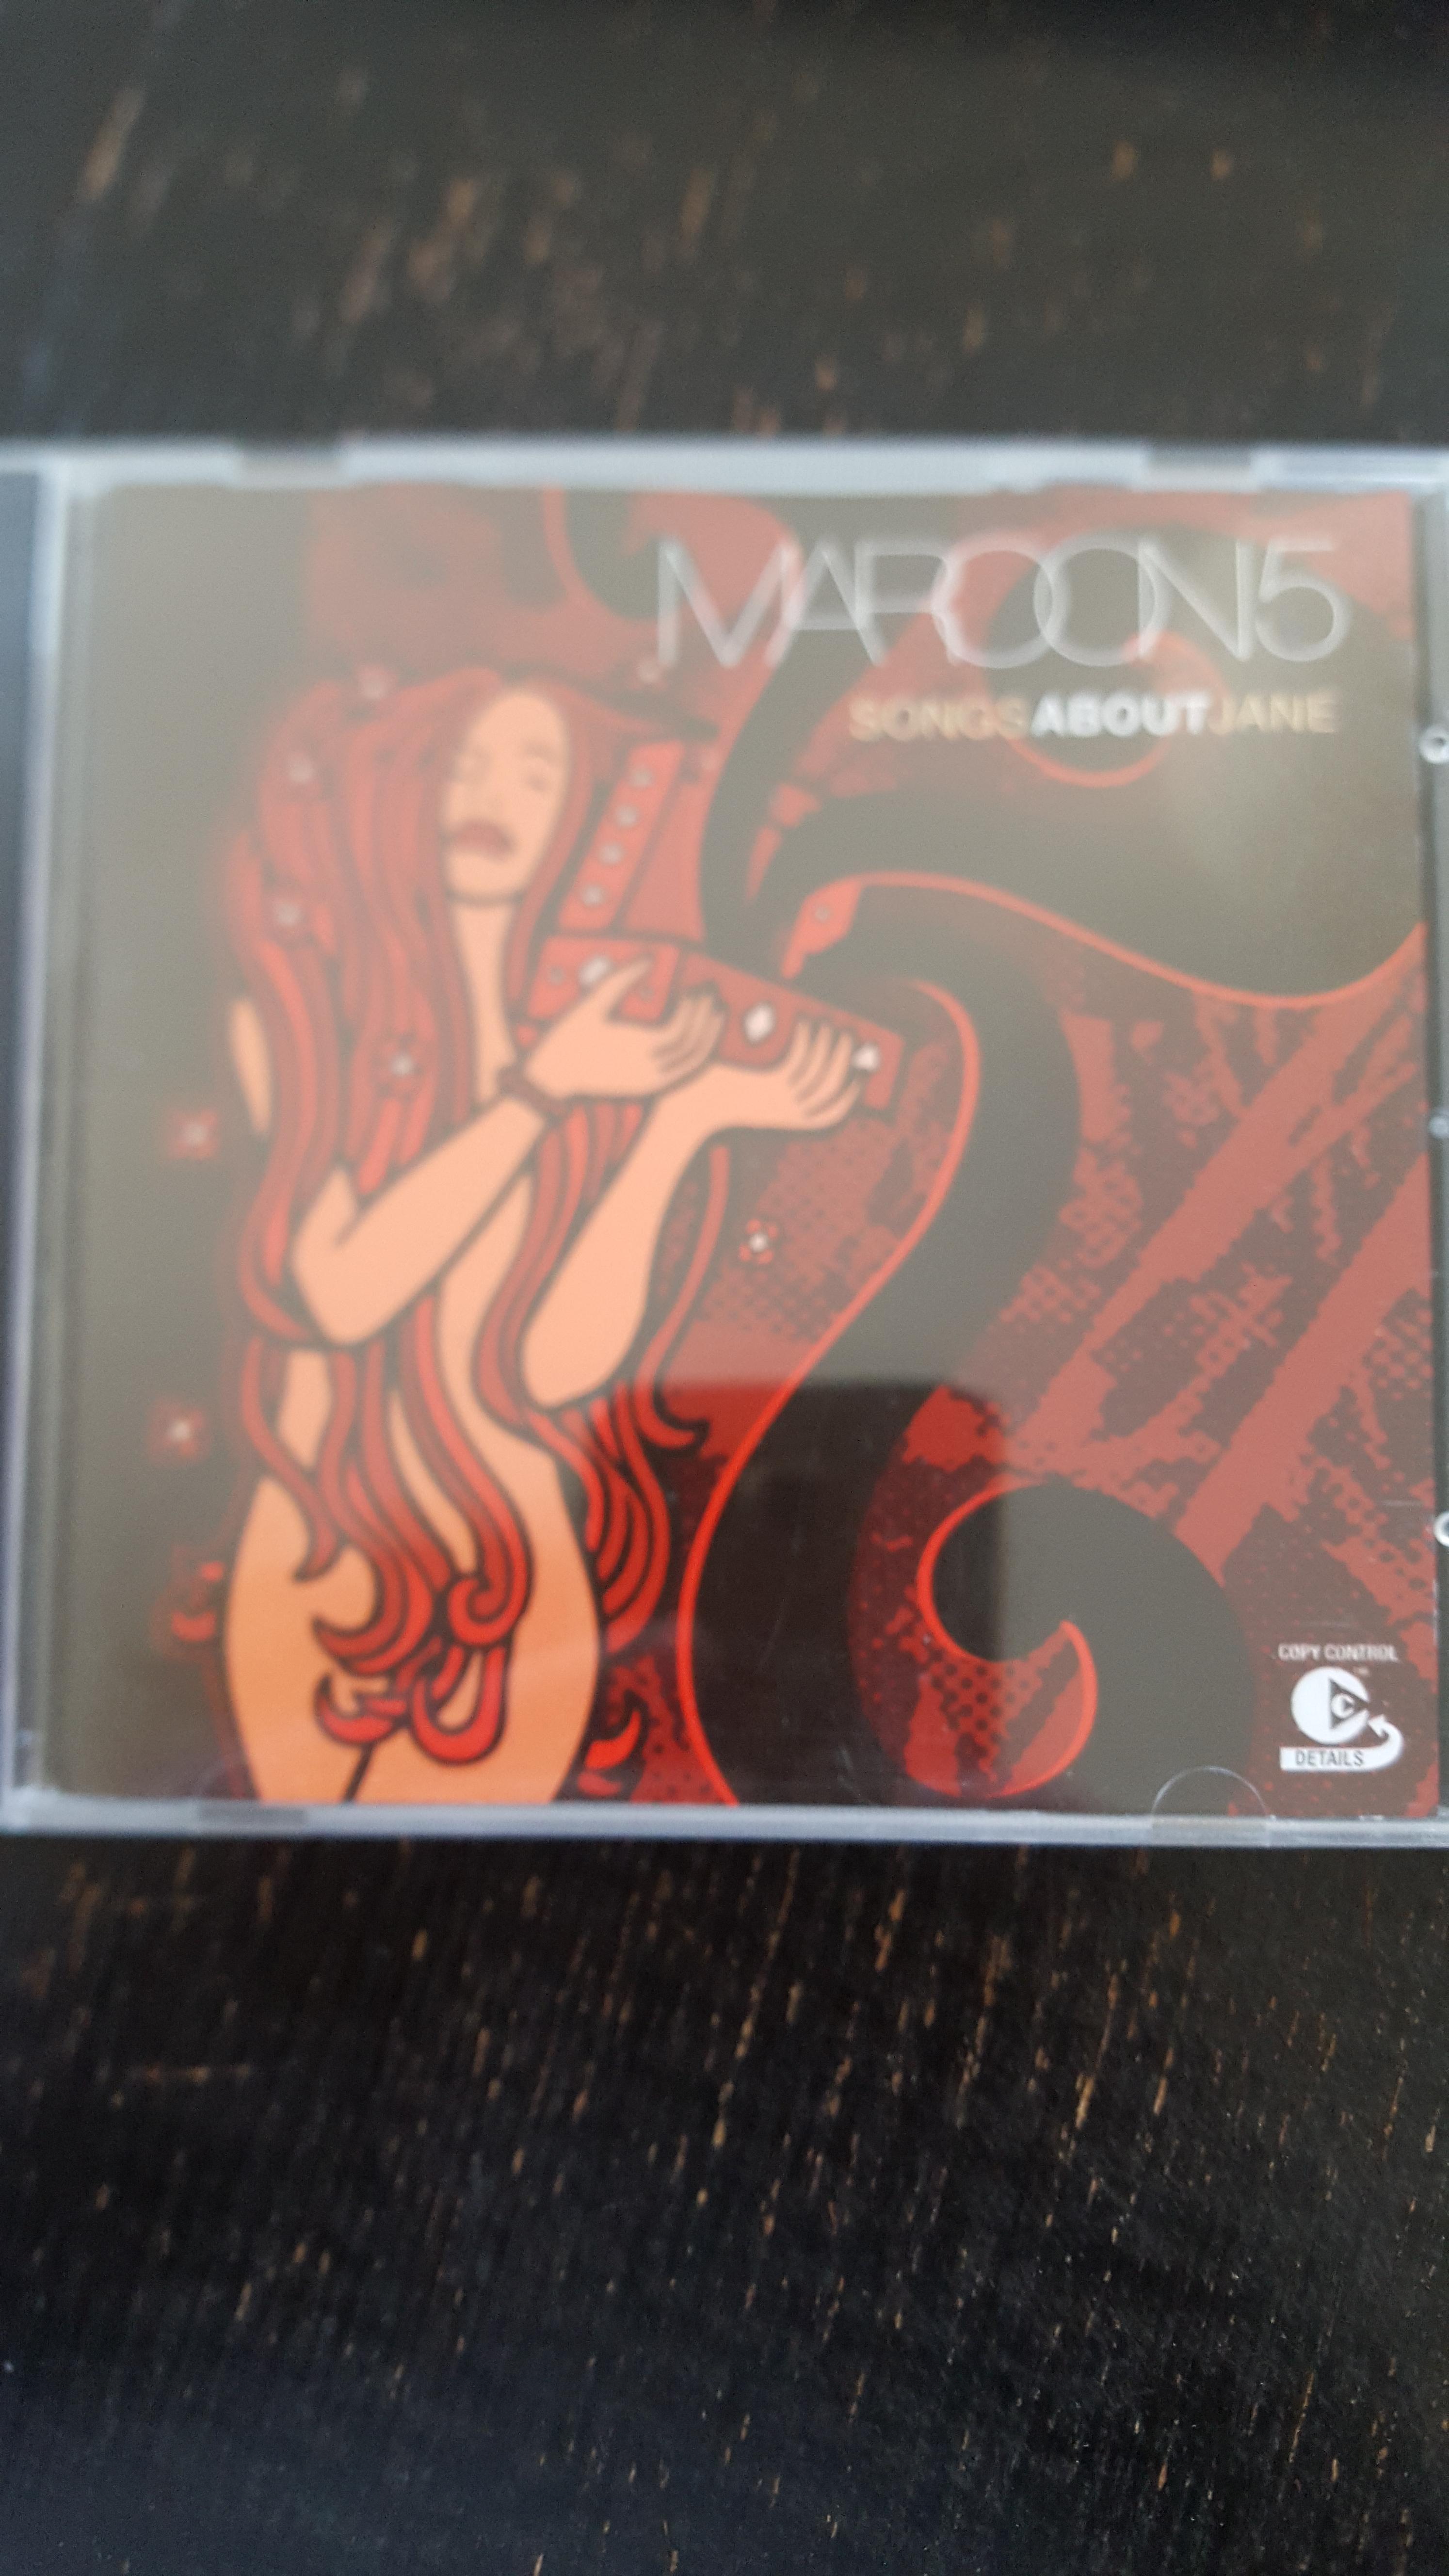 troc de troc cd maroon 5 image 0